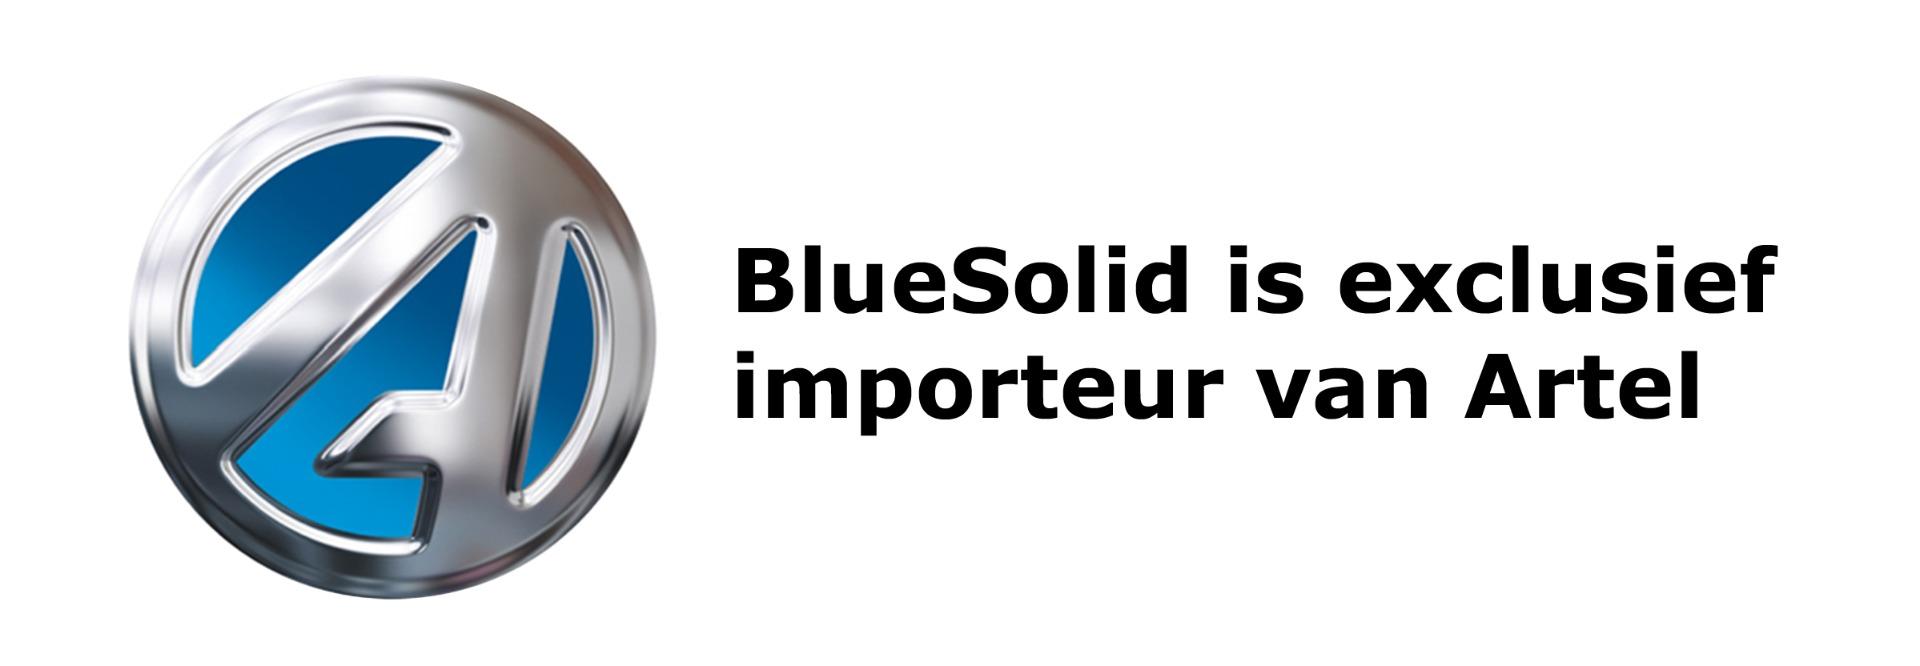 BlueSolid importeur van Artel